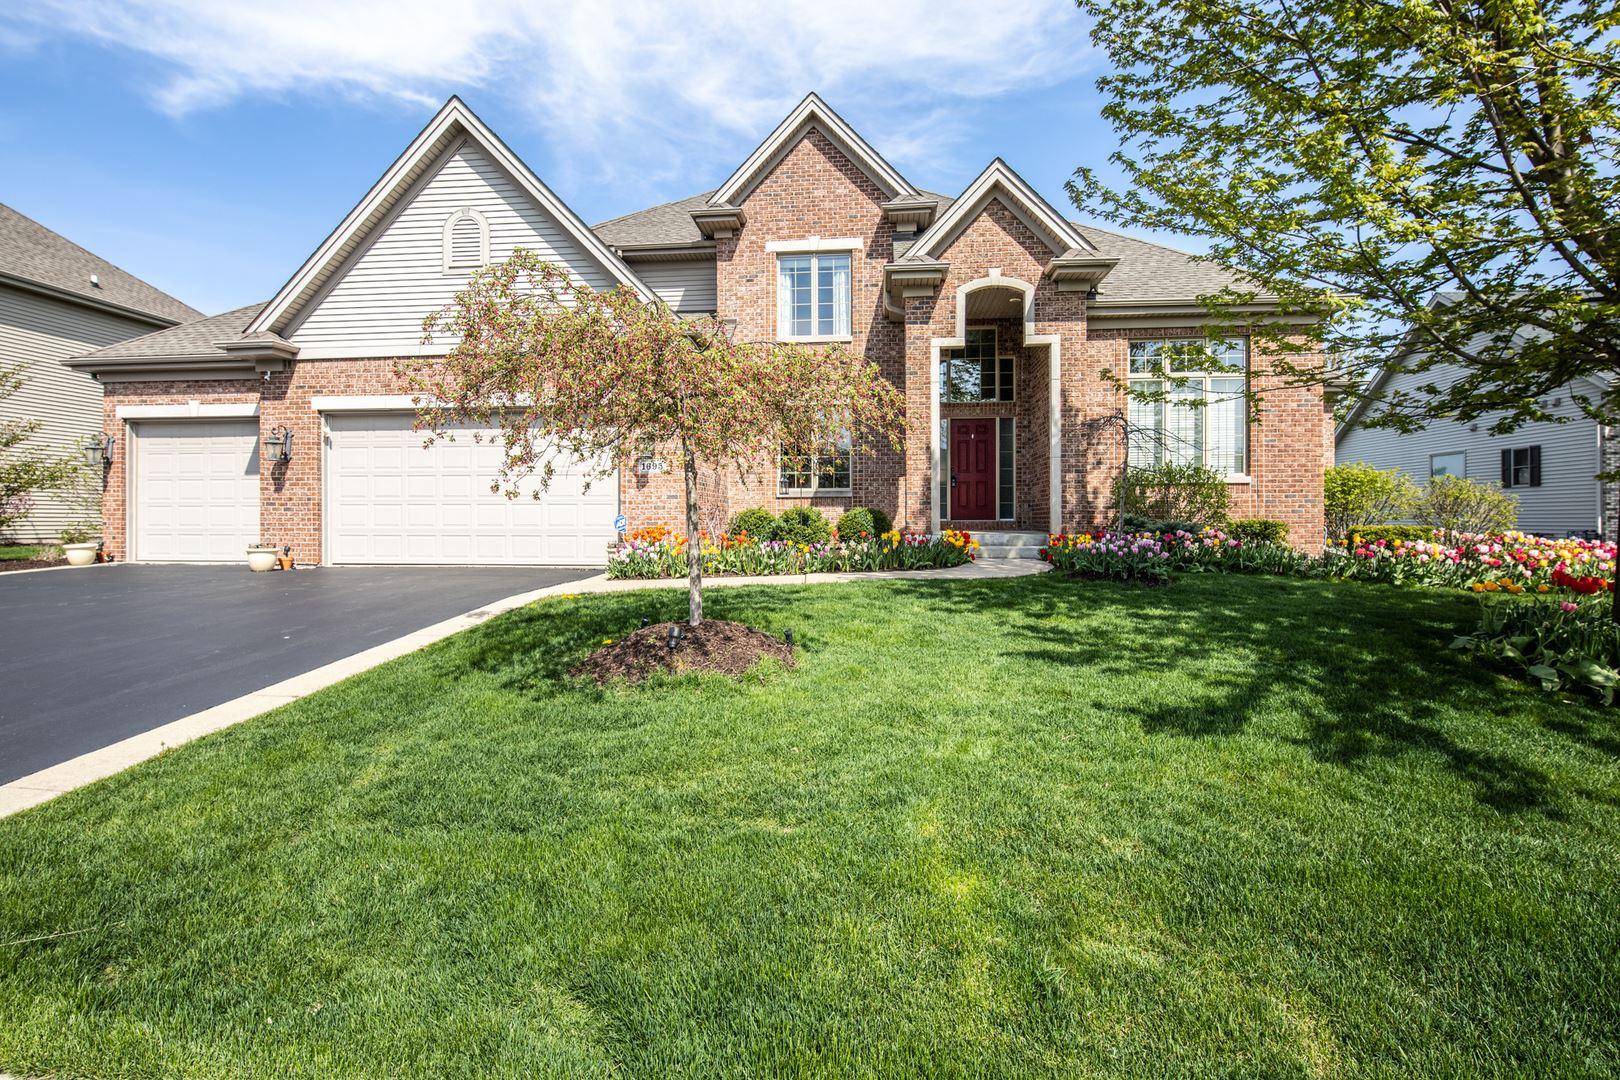 1695 Divine Drive, Rockford, IL 61107 - #: 10766543